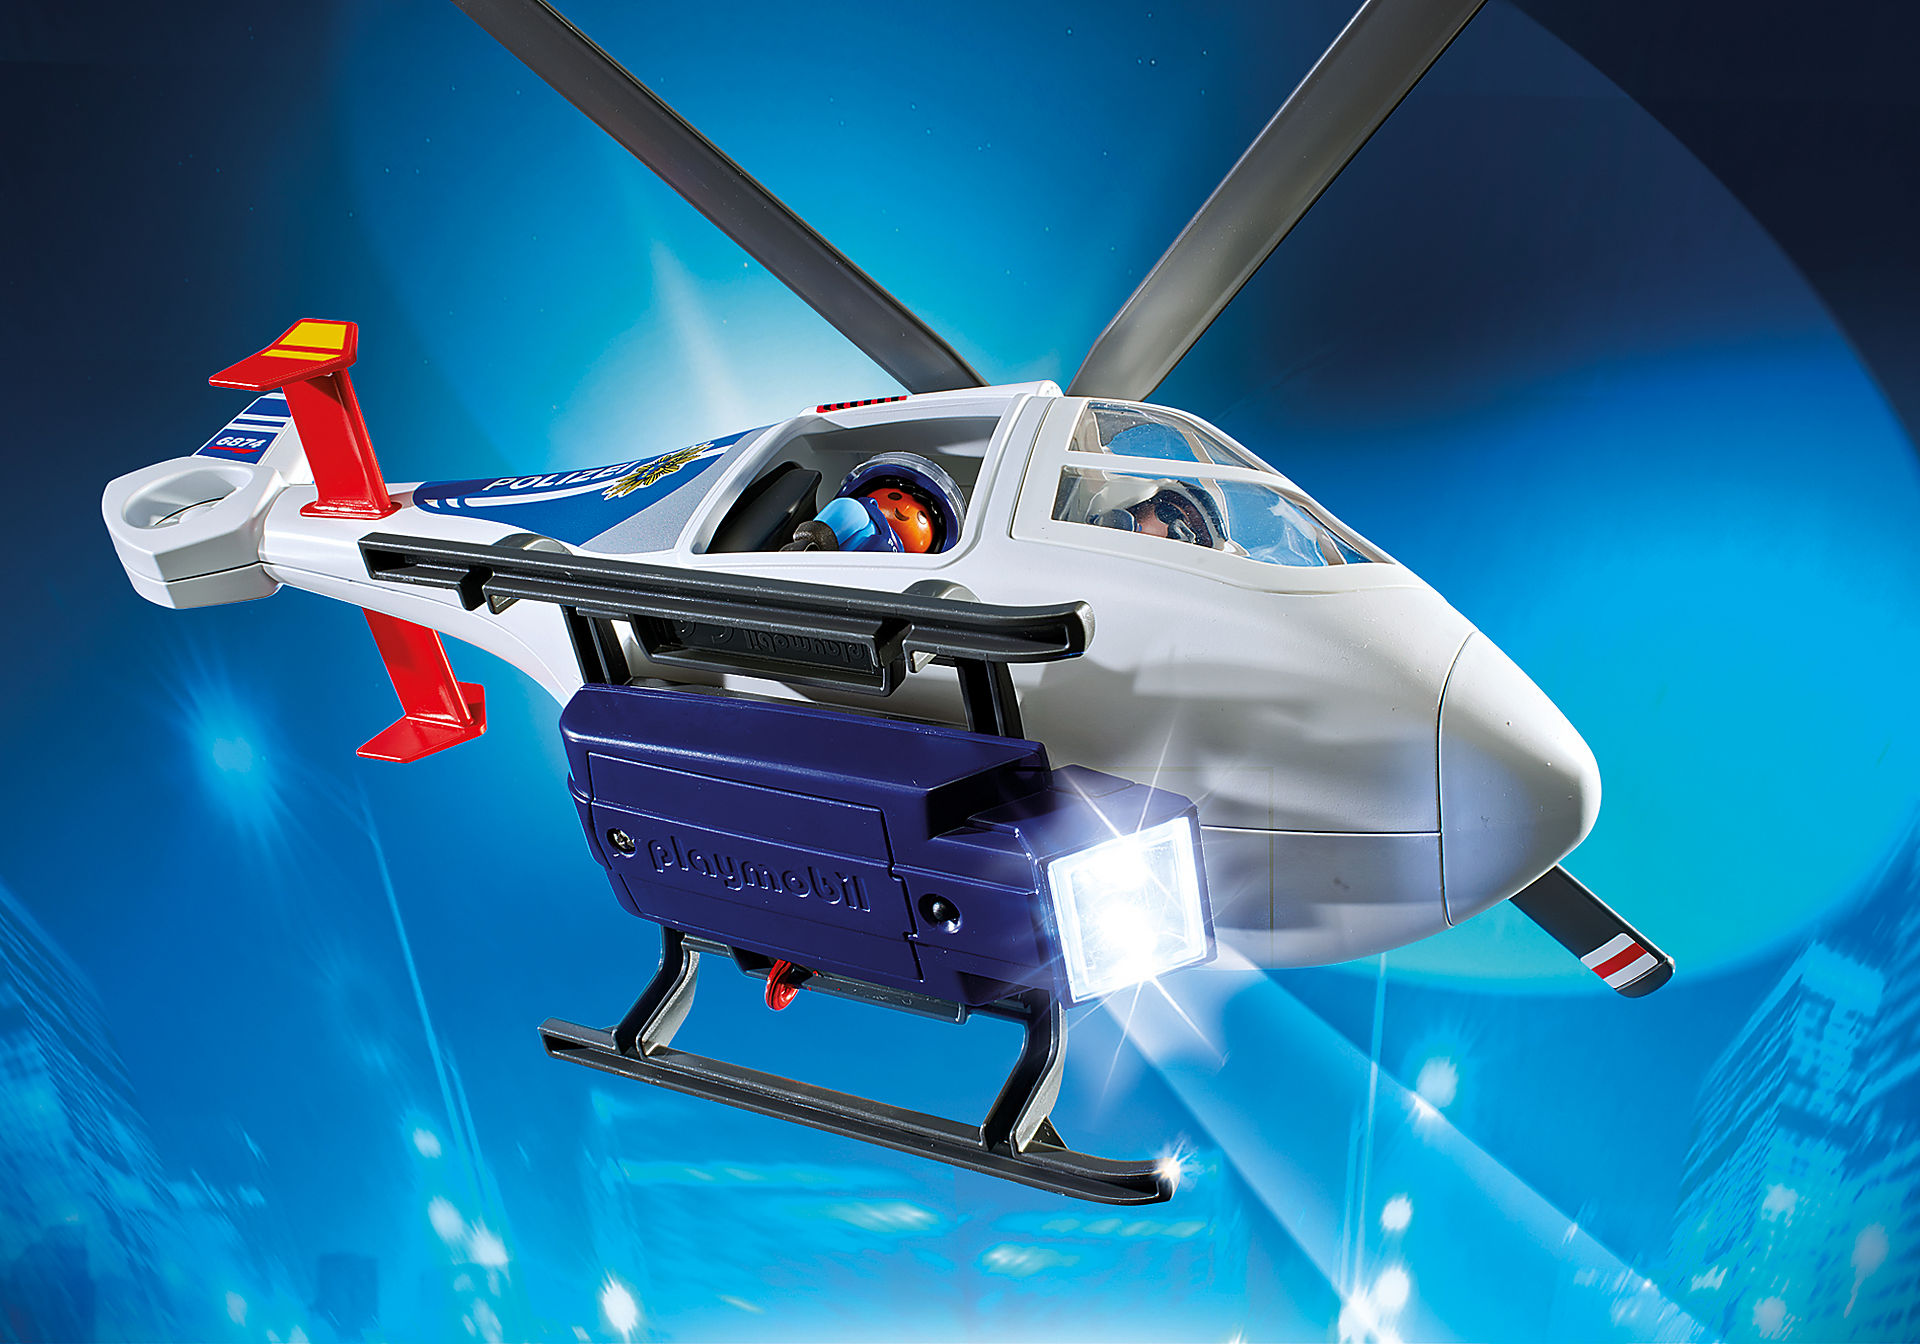 6874 Polizei-Helikopter mit LED-Suchscheinwerfer zoom image7